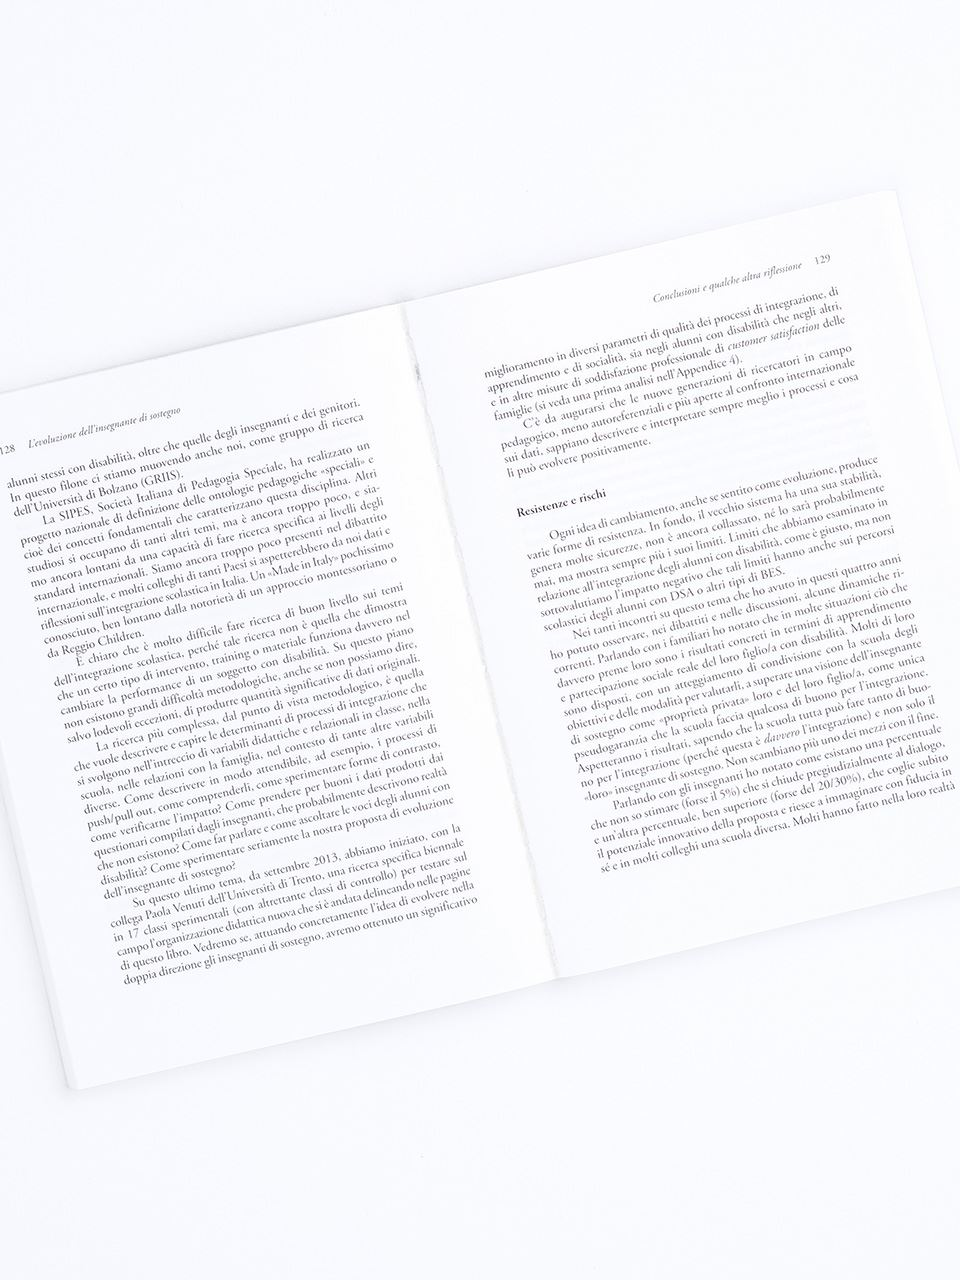 L'evoluzione dell'insegnante di sostegno - Libri - Erickson 2